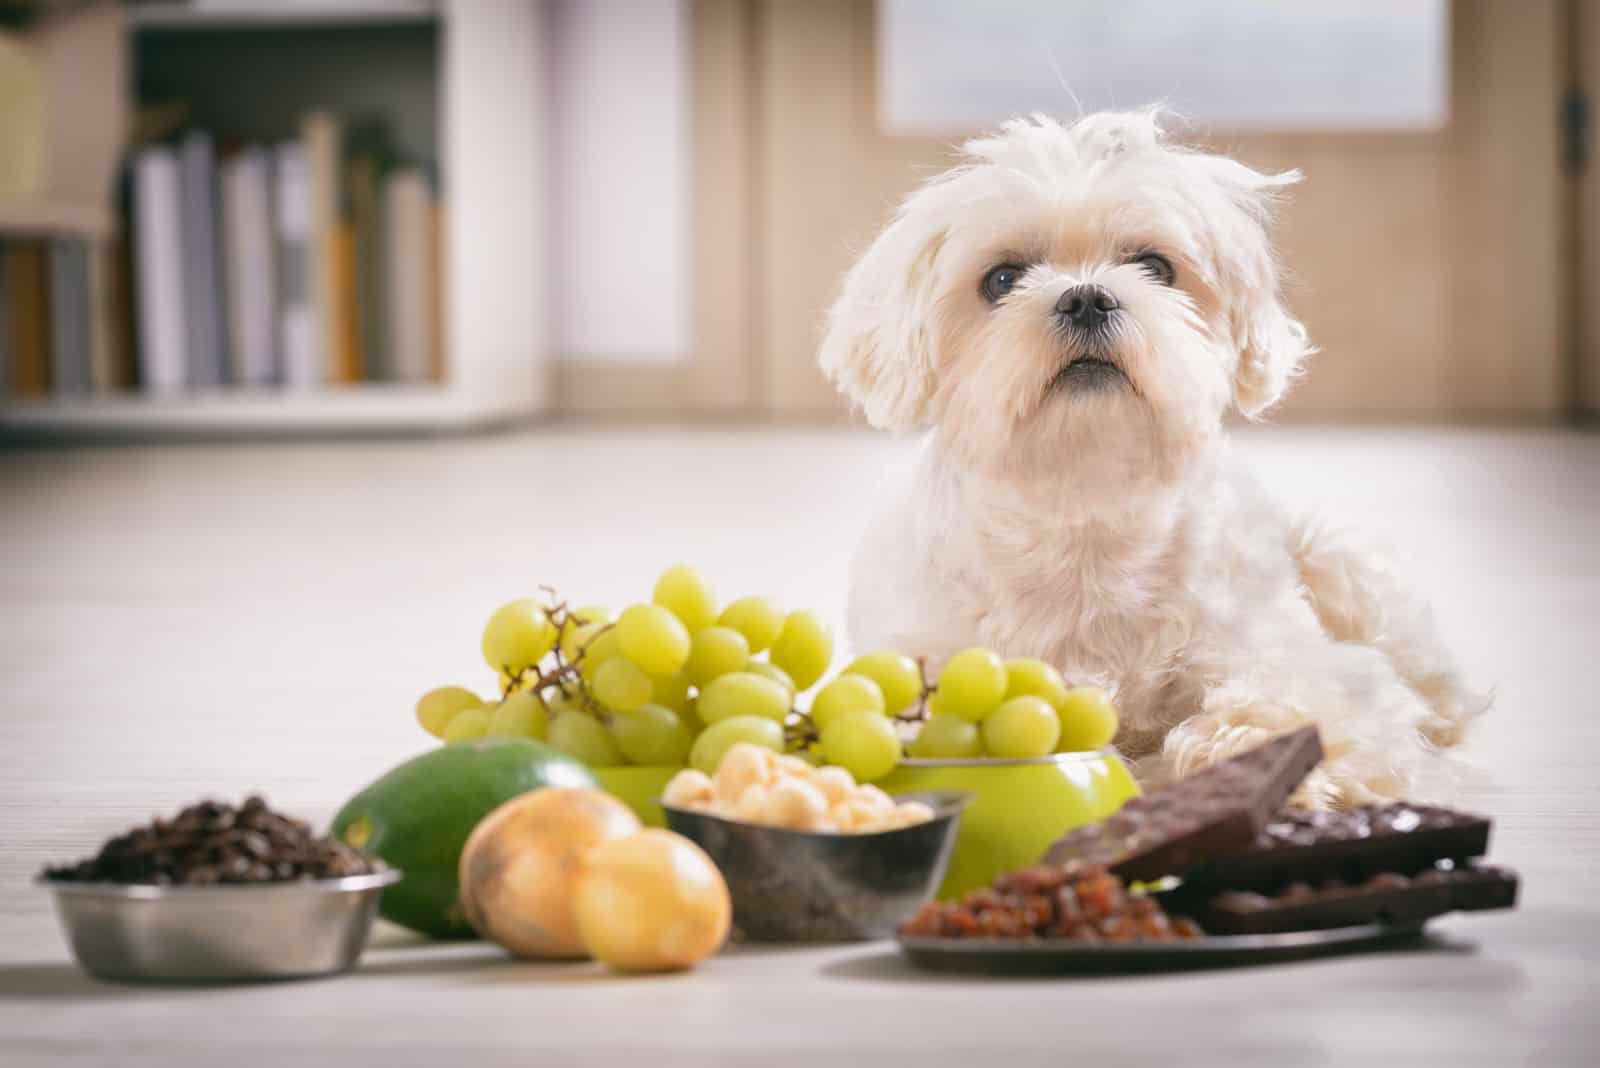 Ein kleiner weißer Hund liegt neben Obst und Süßigkeiten